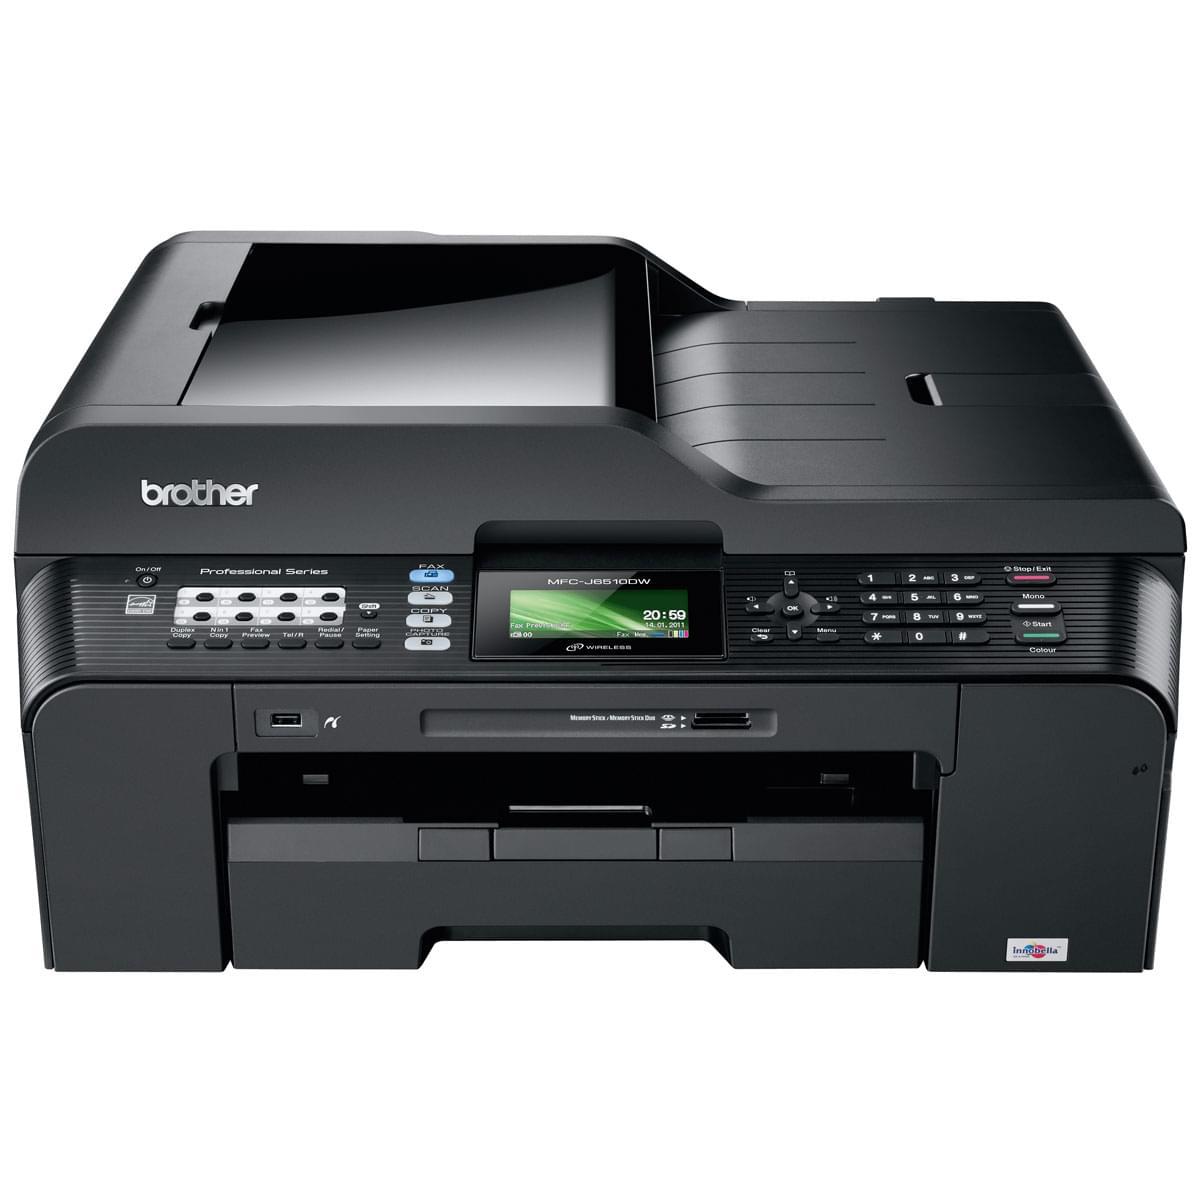 Imprimante multifonction Brother MFC-J6510DW - A3 - Cybertek.fr - 0